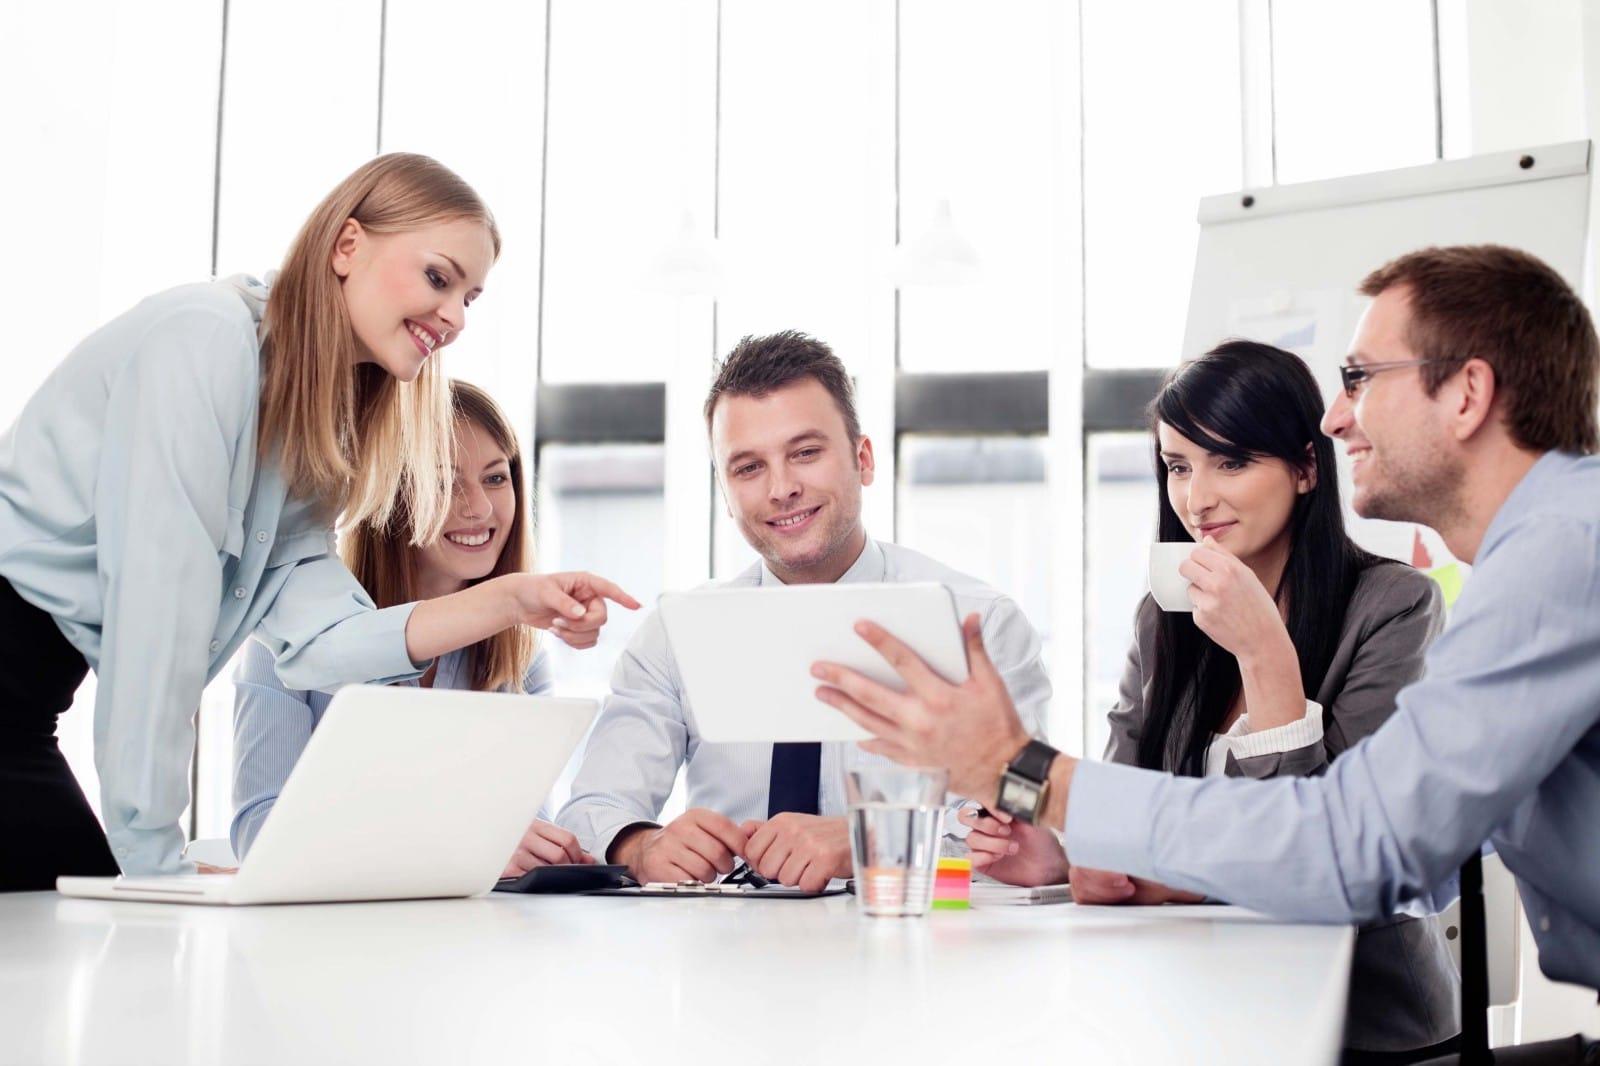 văn hóa công ty, hạnh phúc, vui vẻ, độc hại